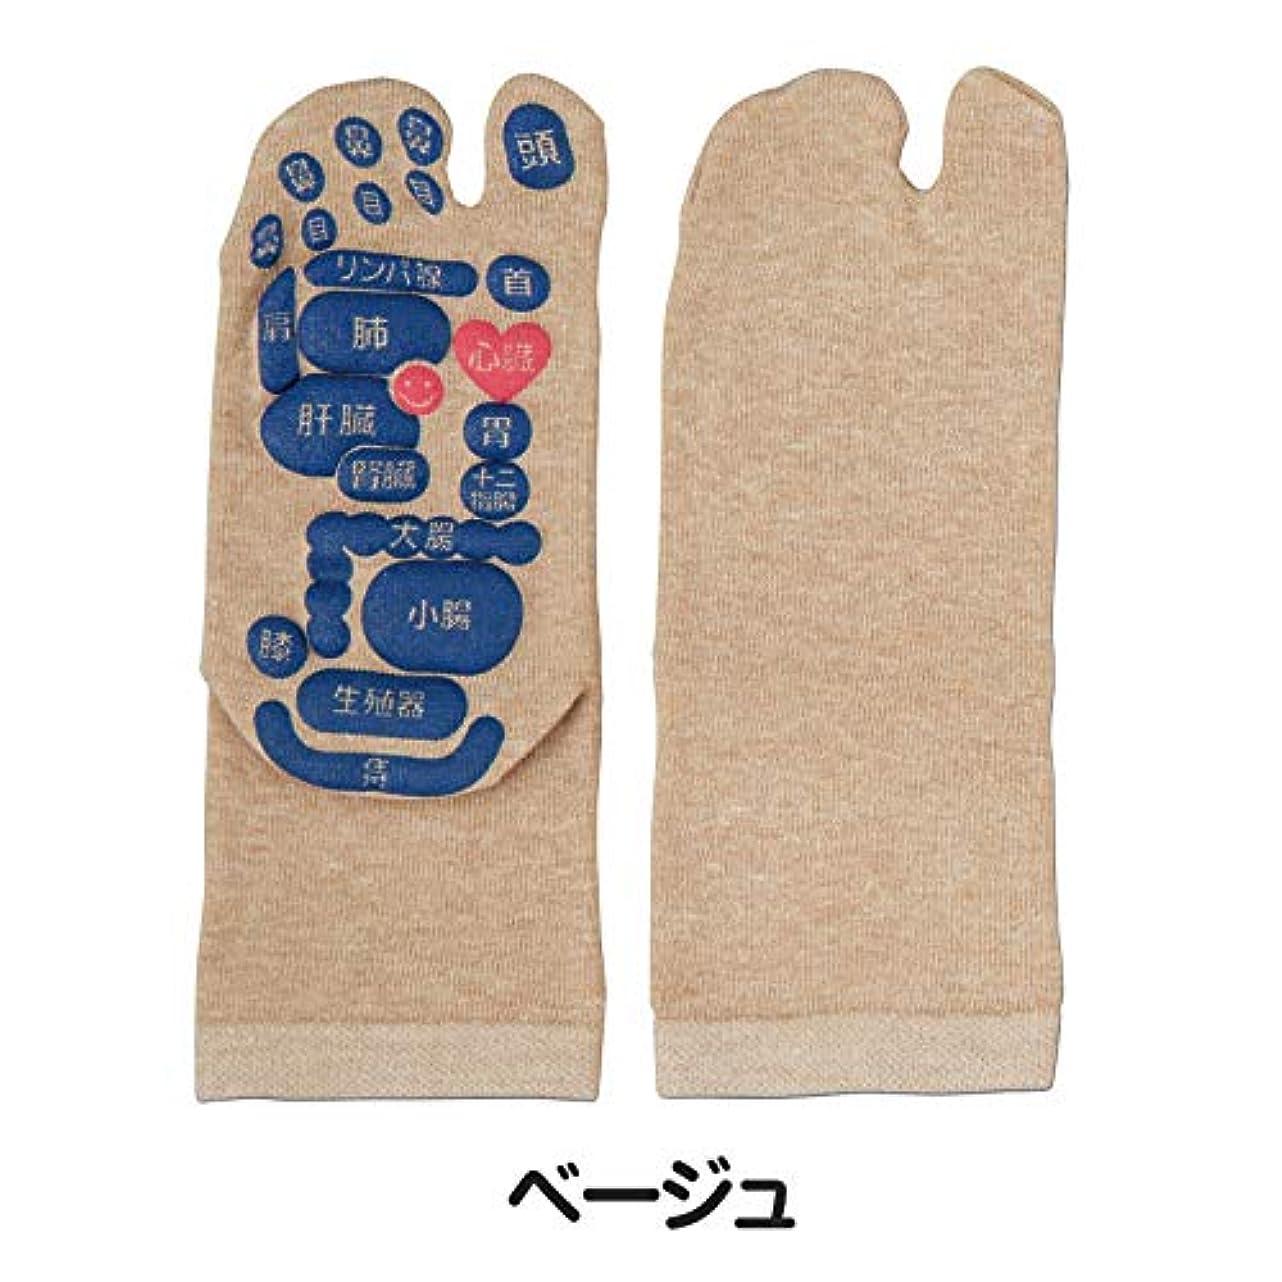 旅行マリナー反論つぼマップ 足袋ソックス ベージュ 22-25cm